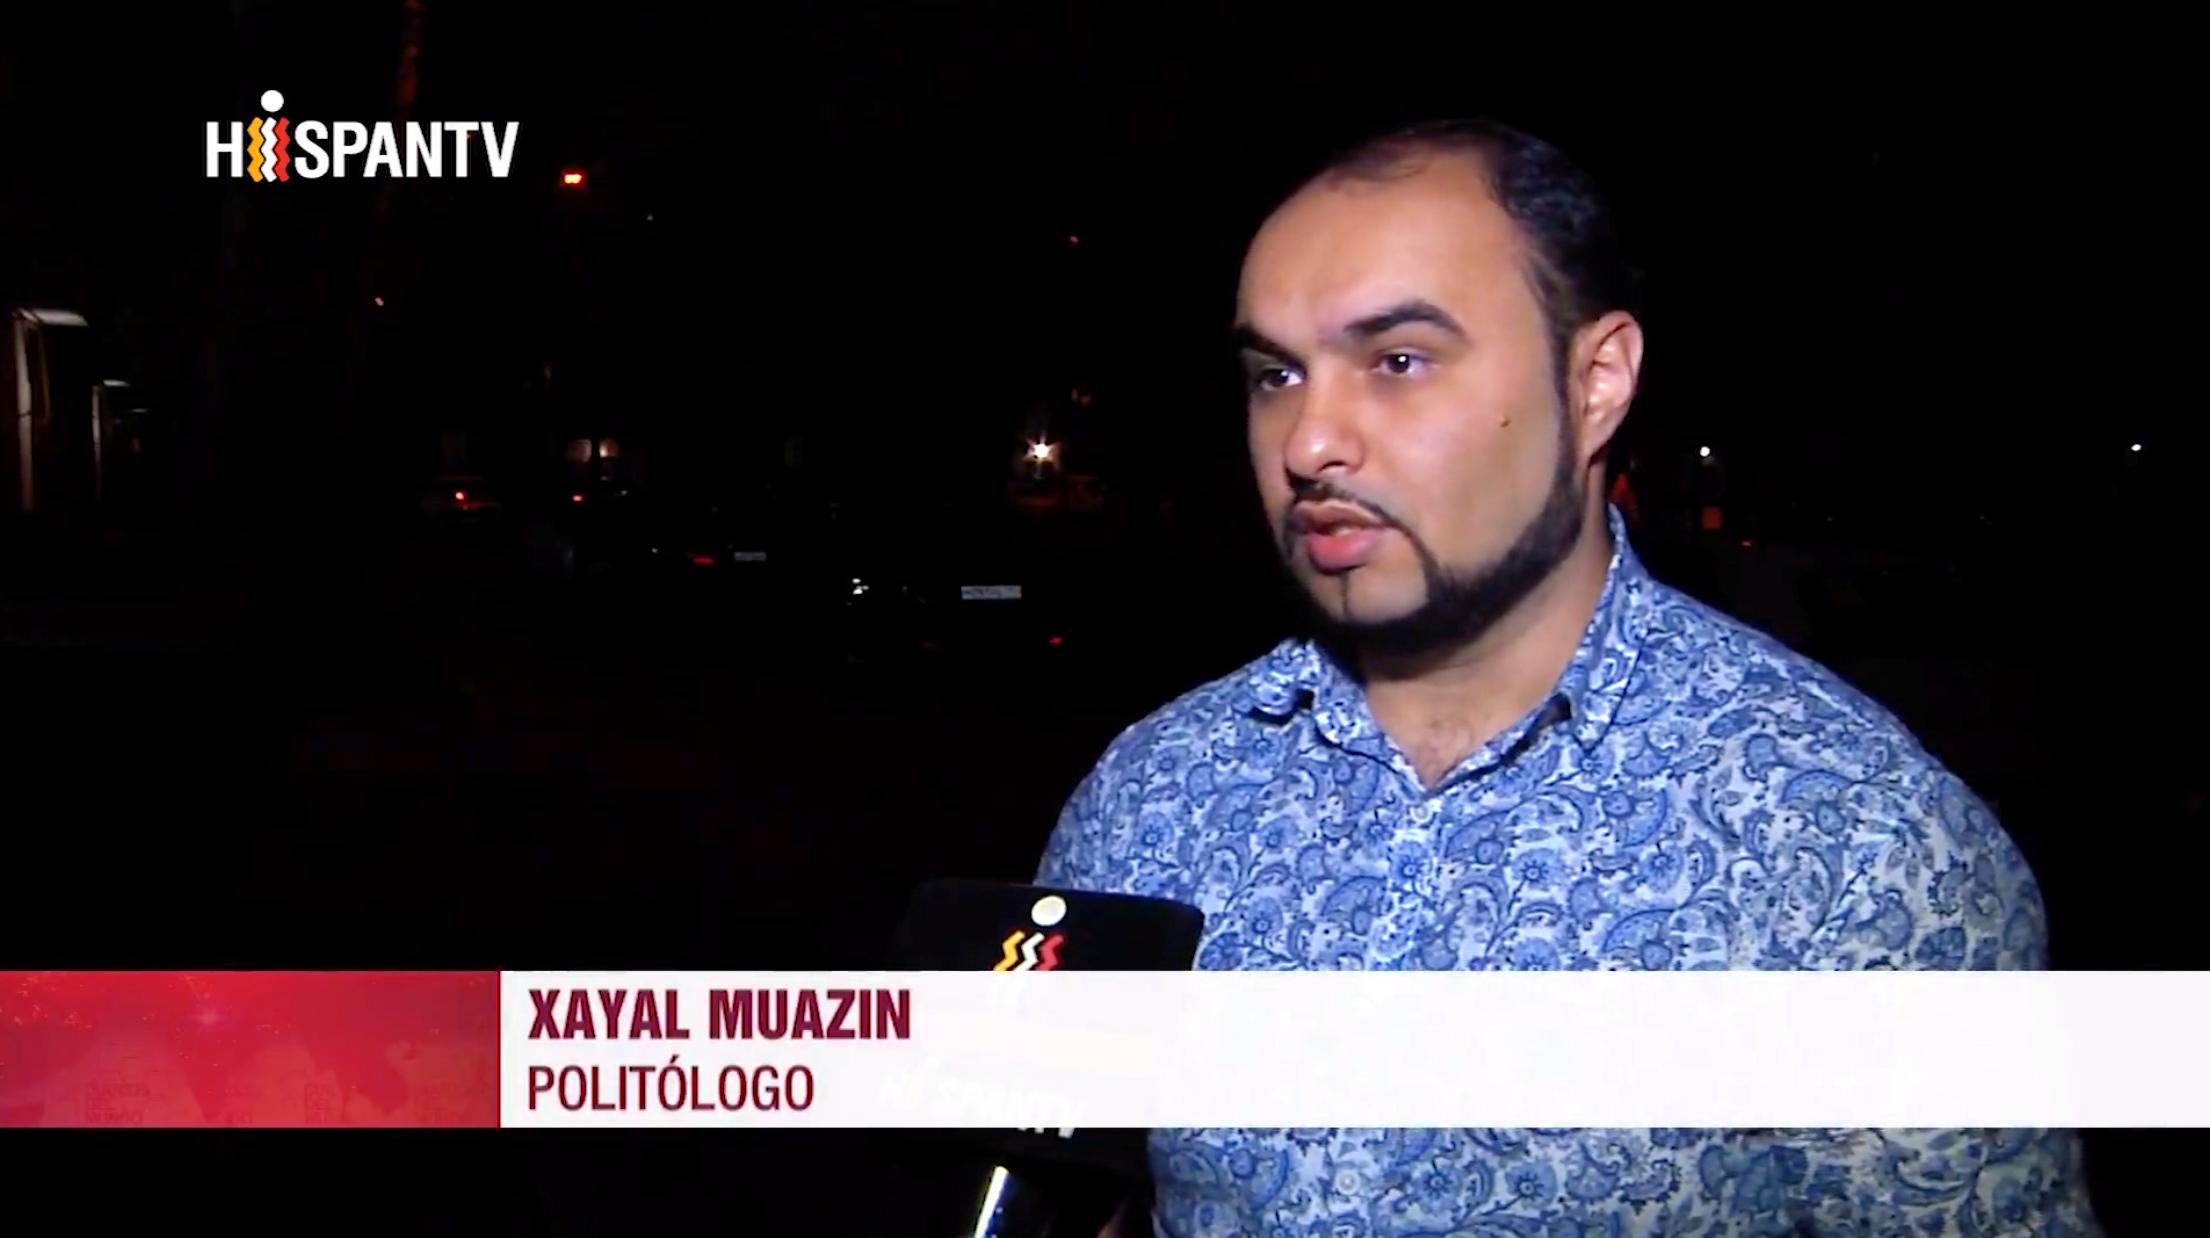 Иран считает Россию долгосрочным партнером | Хаял Муаззин | Иранский журналист и продюсер |